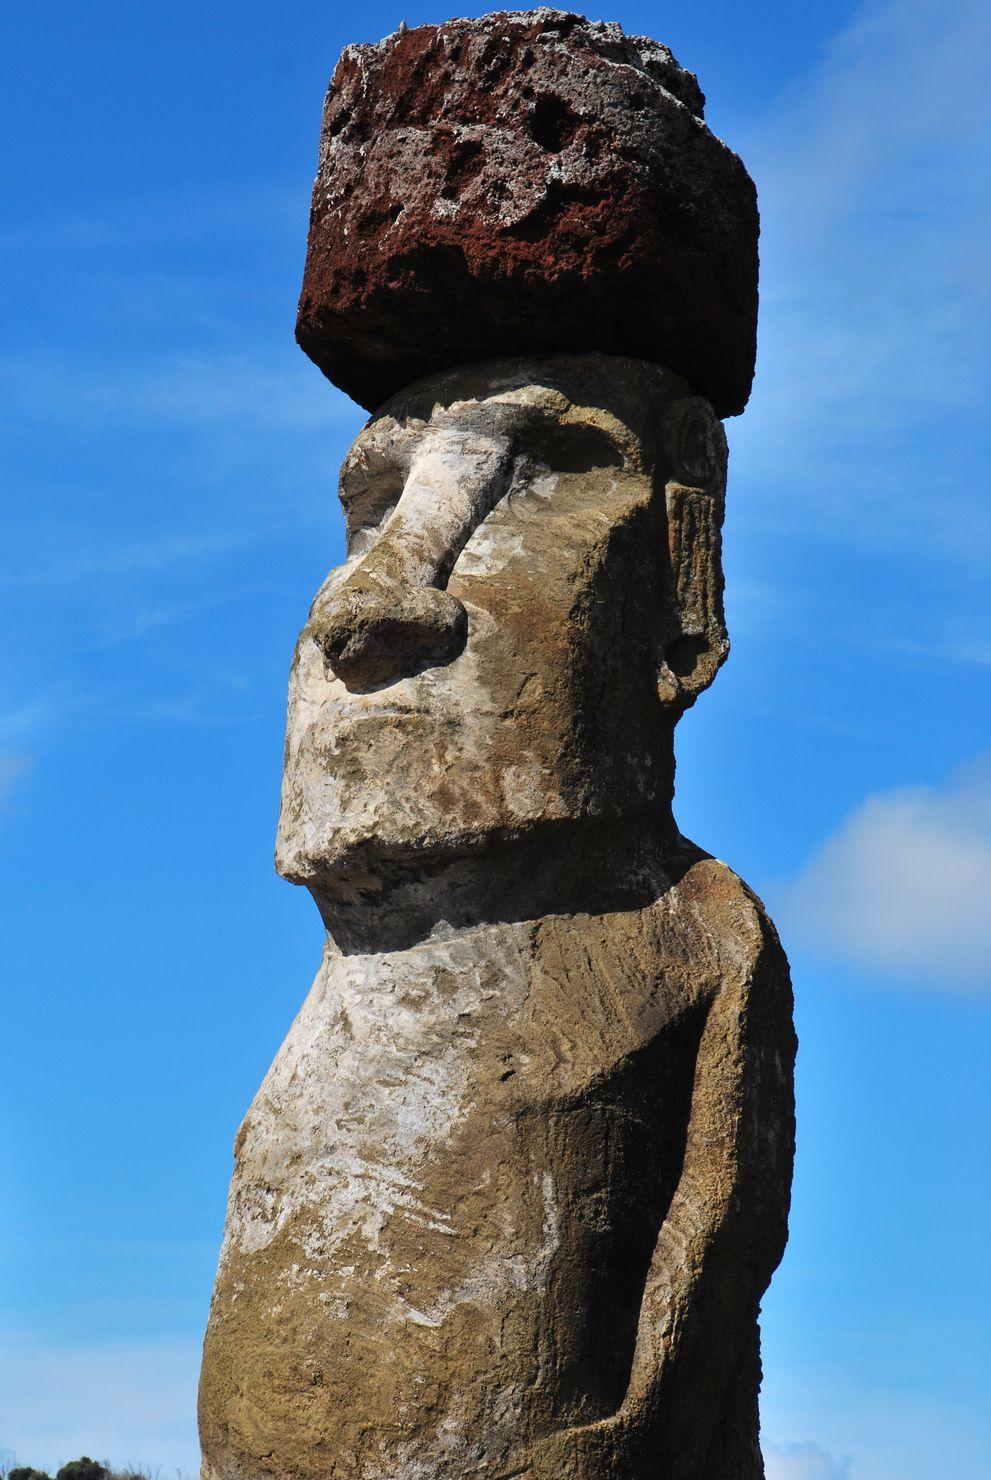 Ile de paques_Moai Pukao